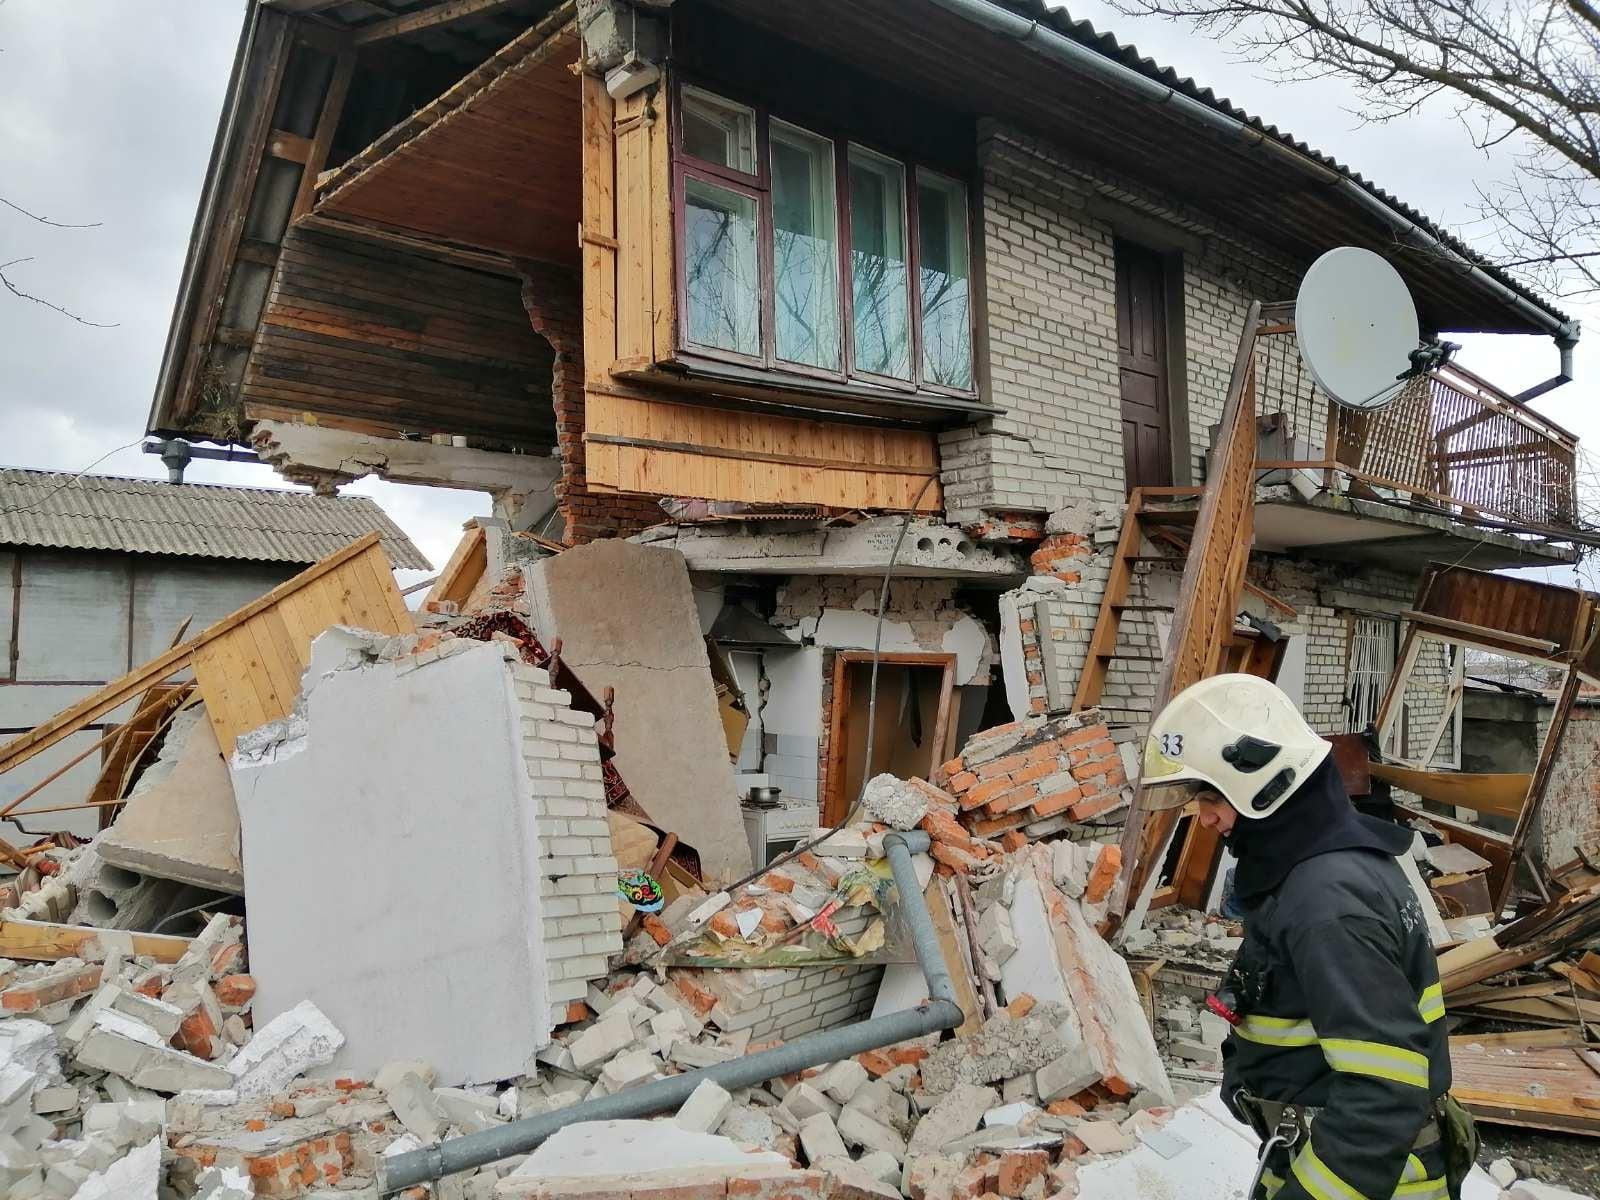 Вибух газу в Добрячині зруйнував житлову будівлю, травмована господиня – в лікарні